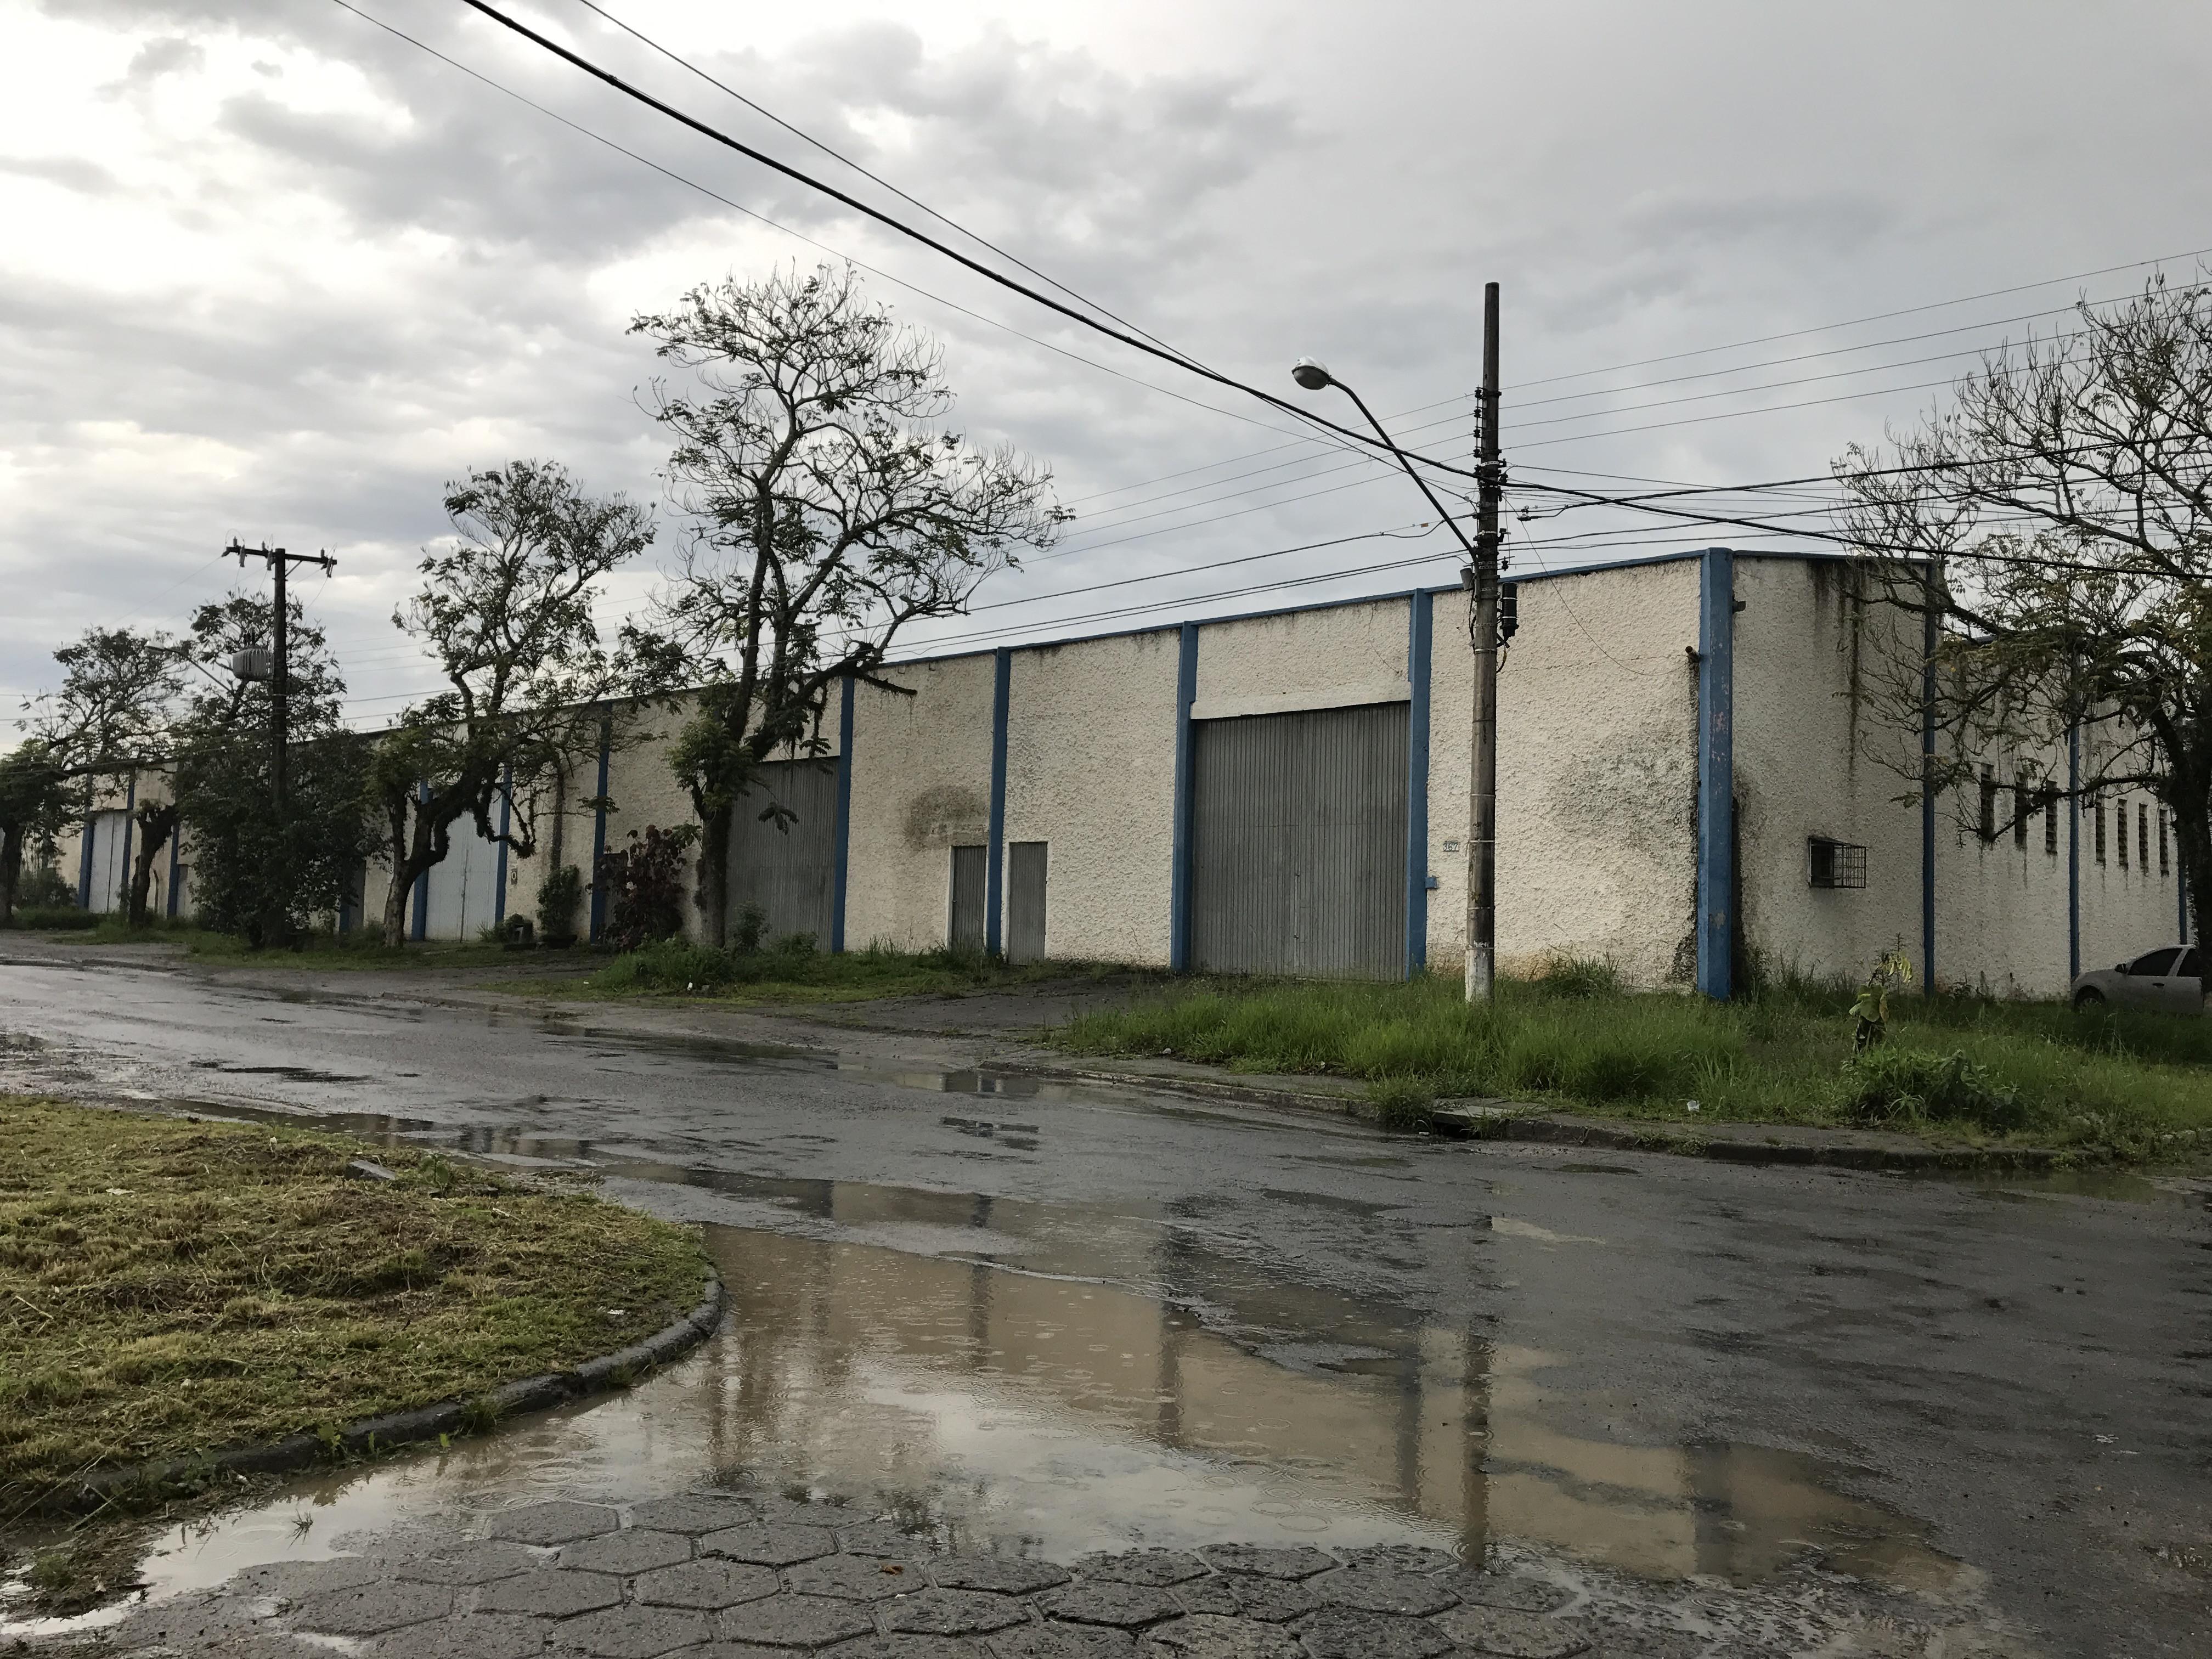 Leilão Simultâneo da 1ª Vara da Fazenda da Comarca de Criciúma/SC.